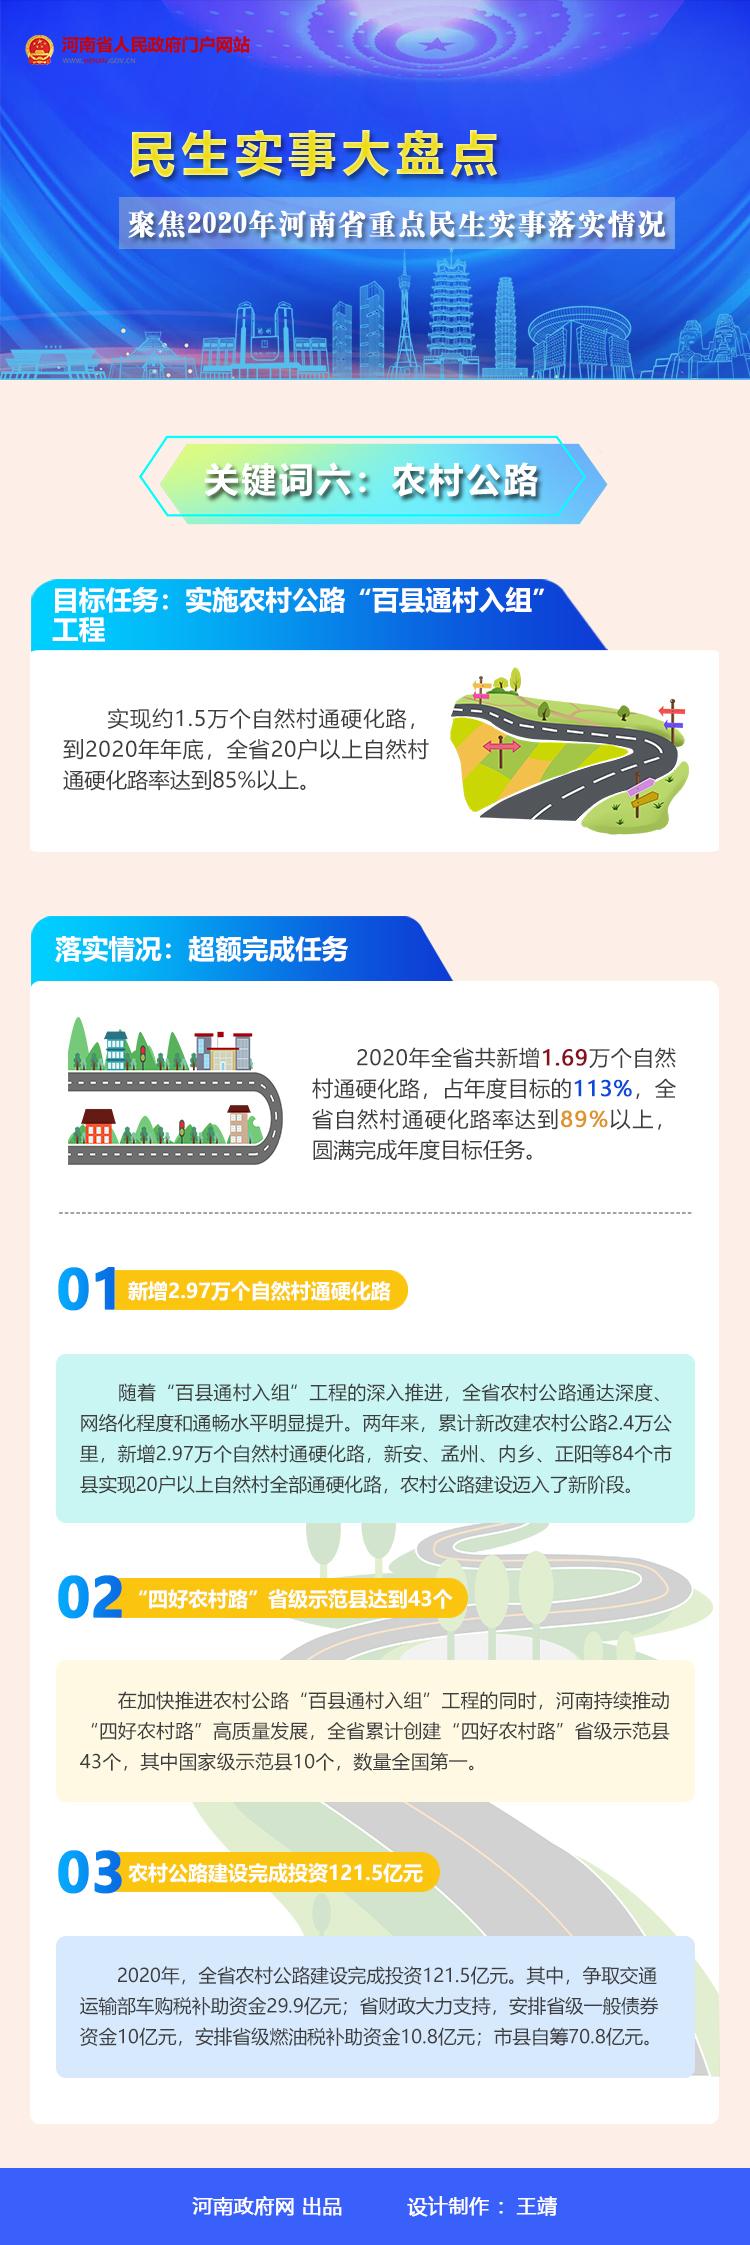 2020年河南省民生实事大盘点之六:全省自然村通硬化路率近九成